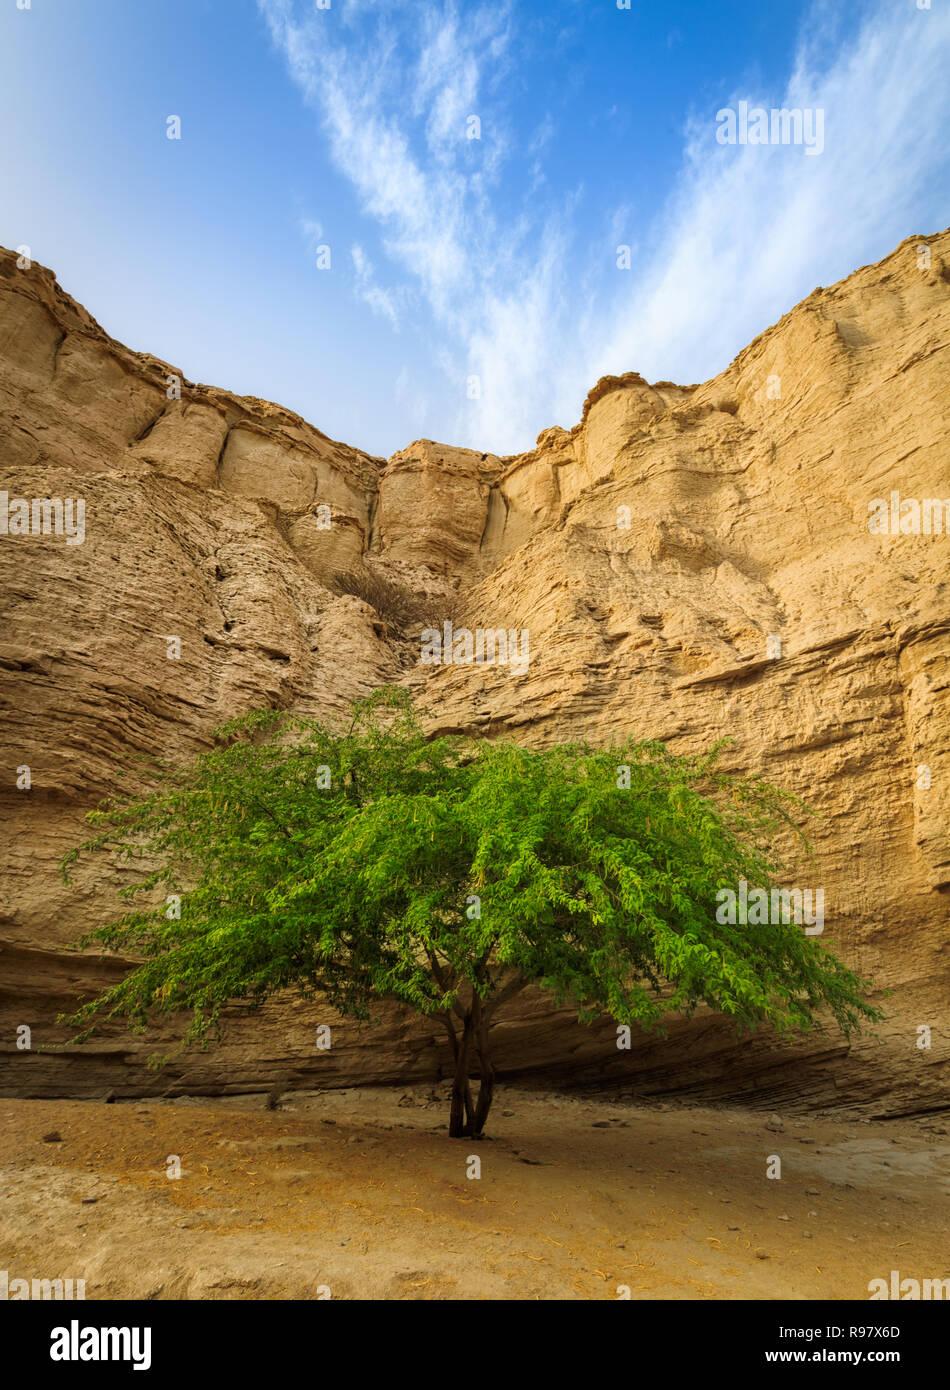 Irán. La isla de Qeshm,solitario árbol Imagen De Stock